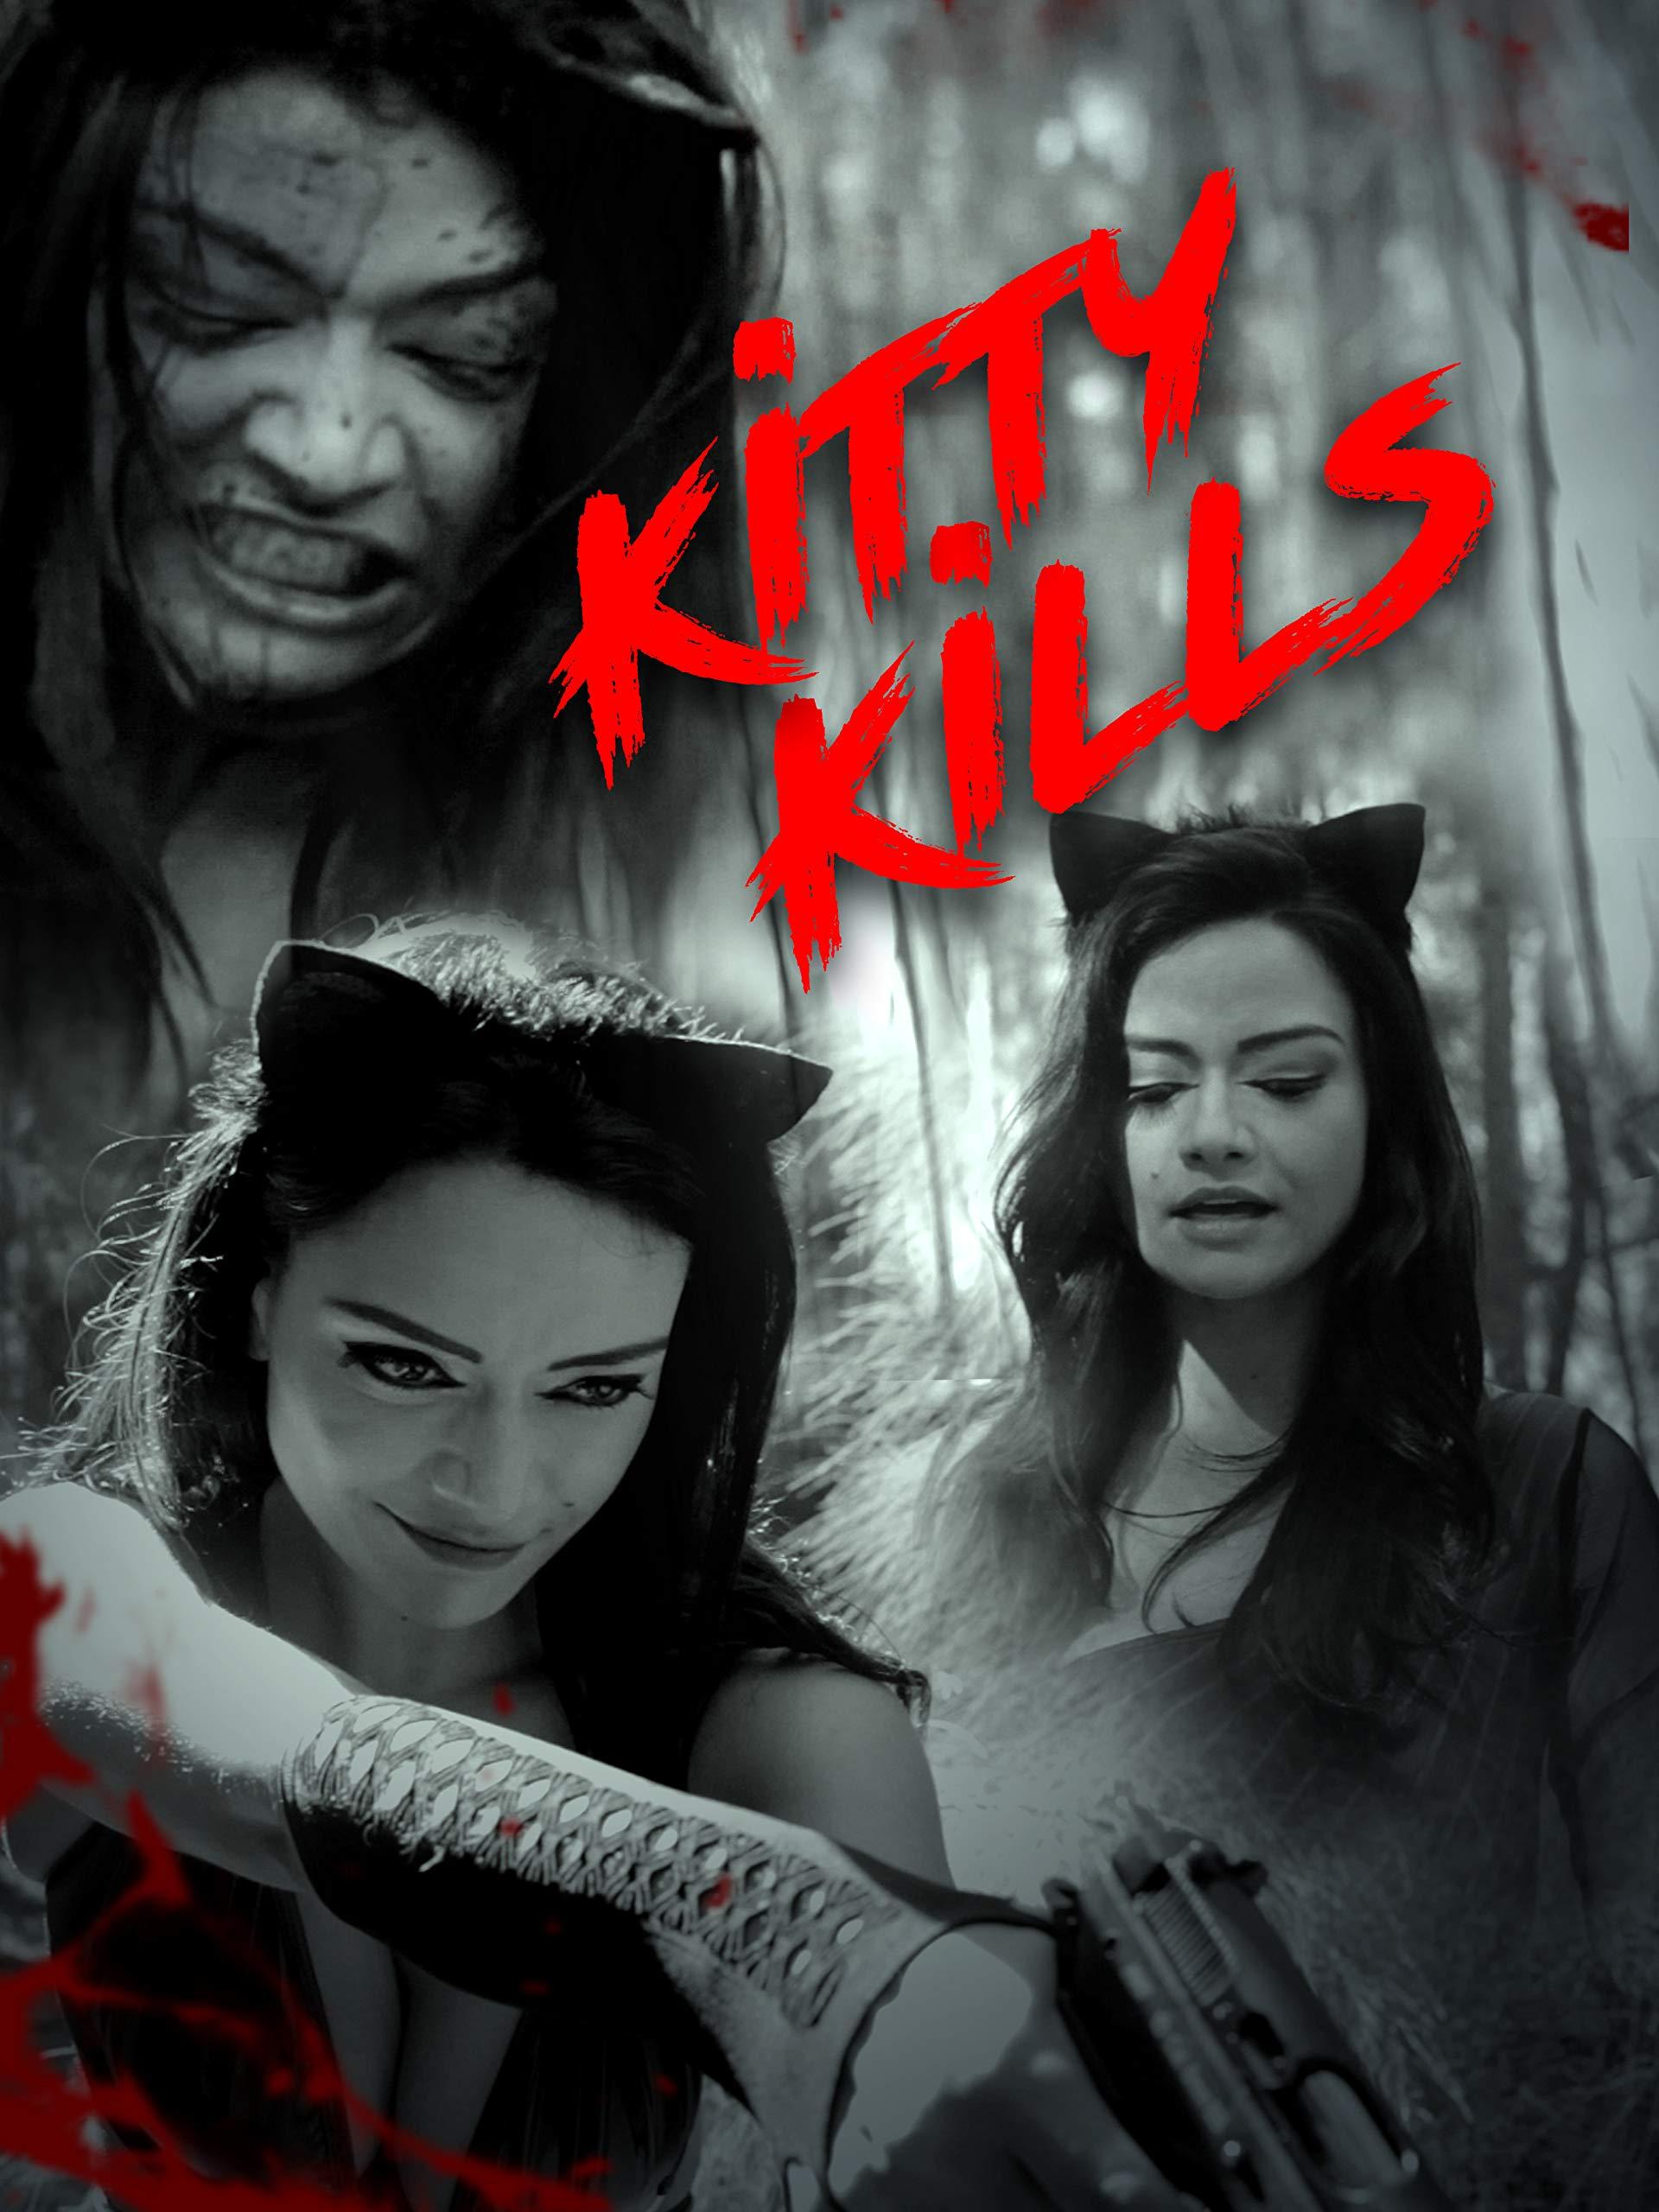 Kitty Kills